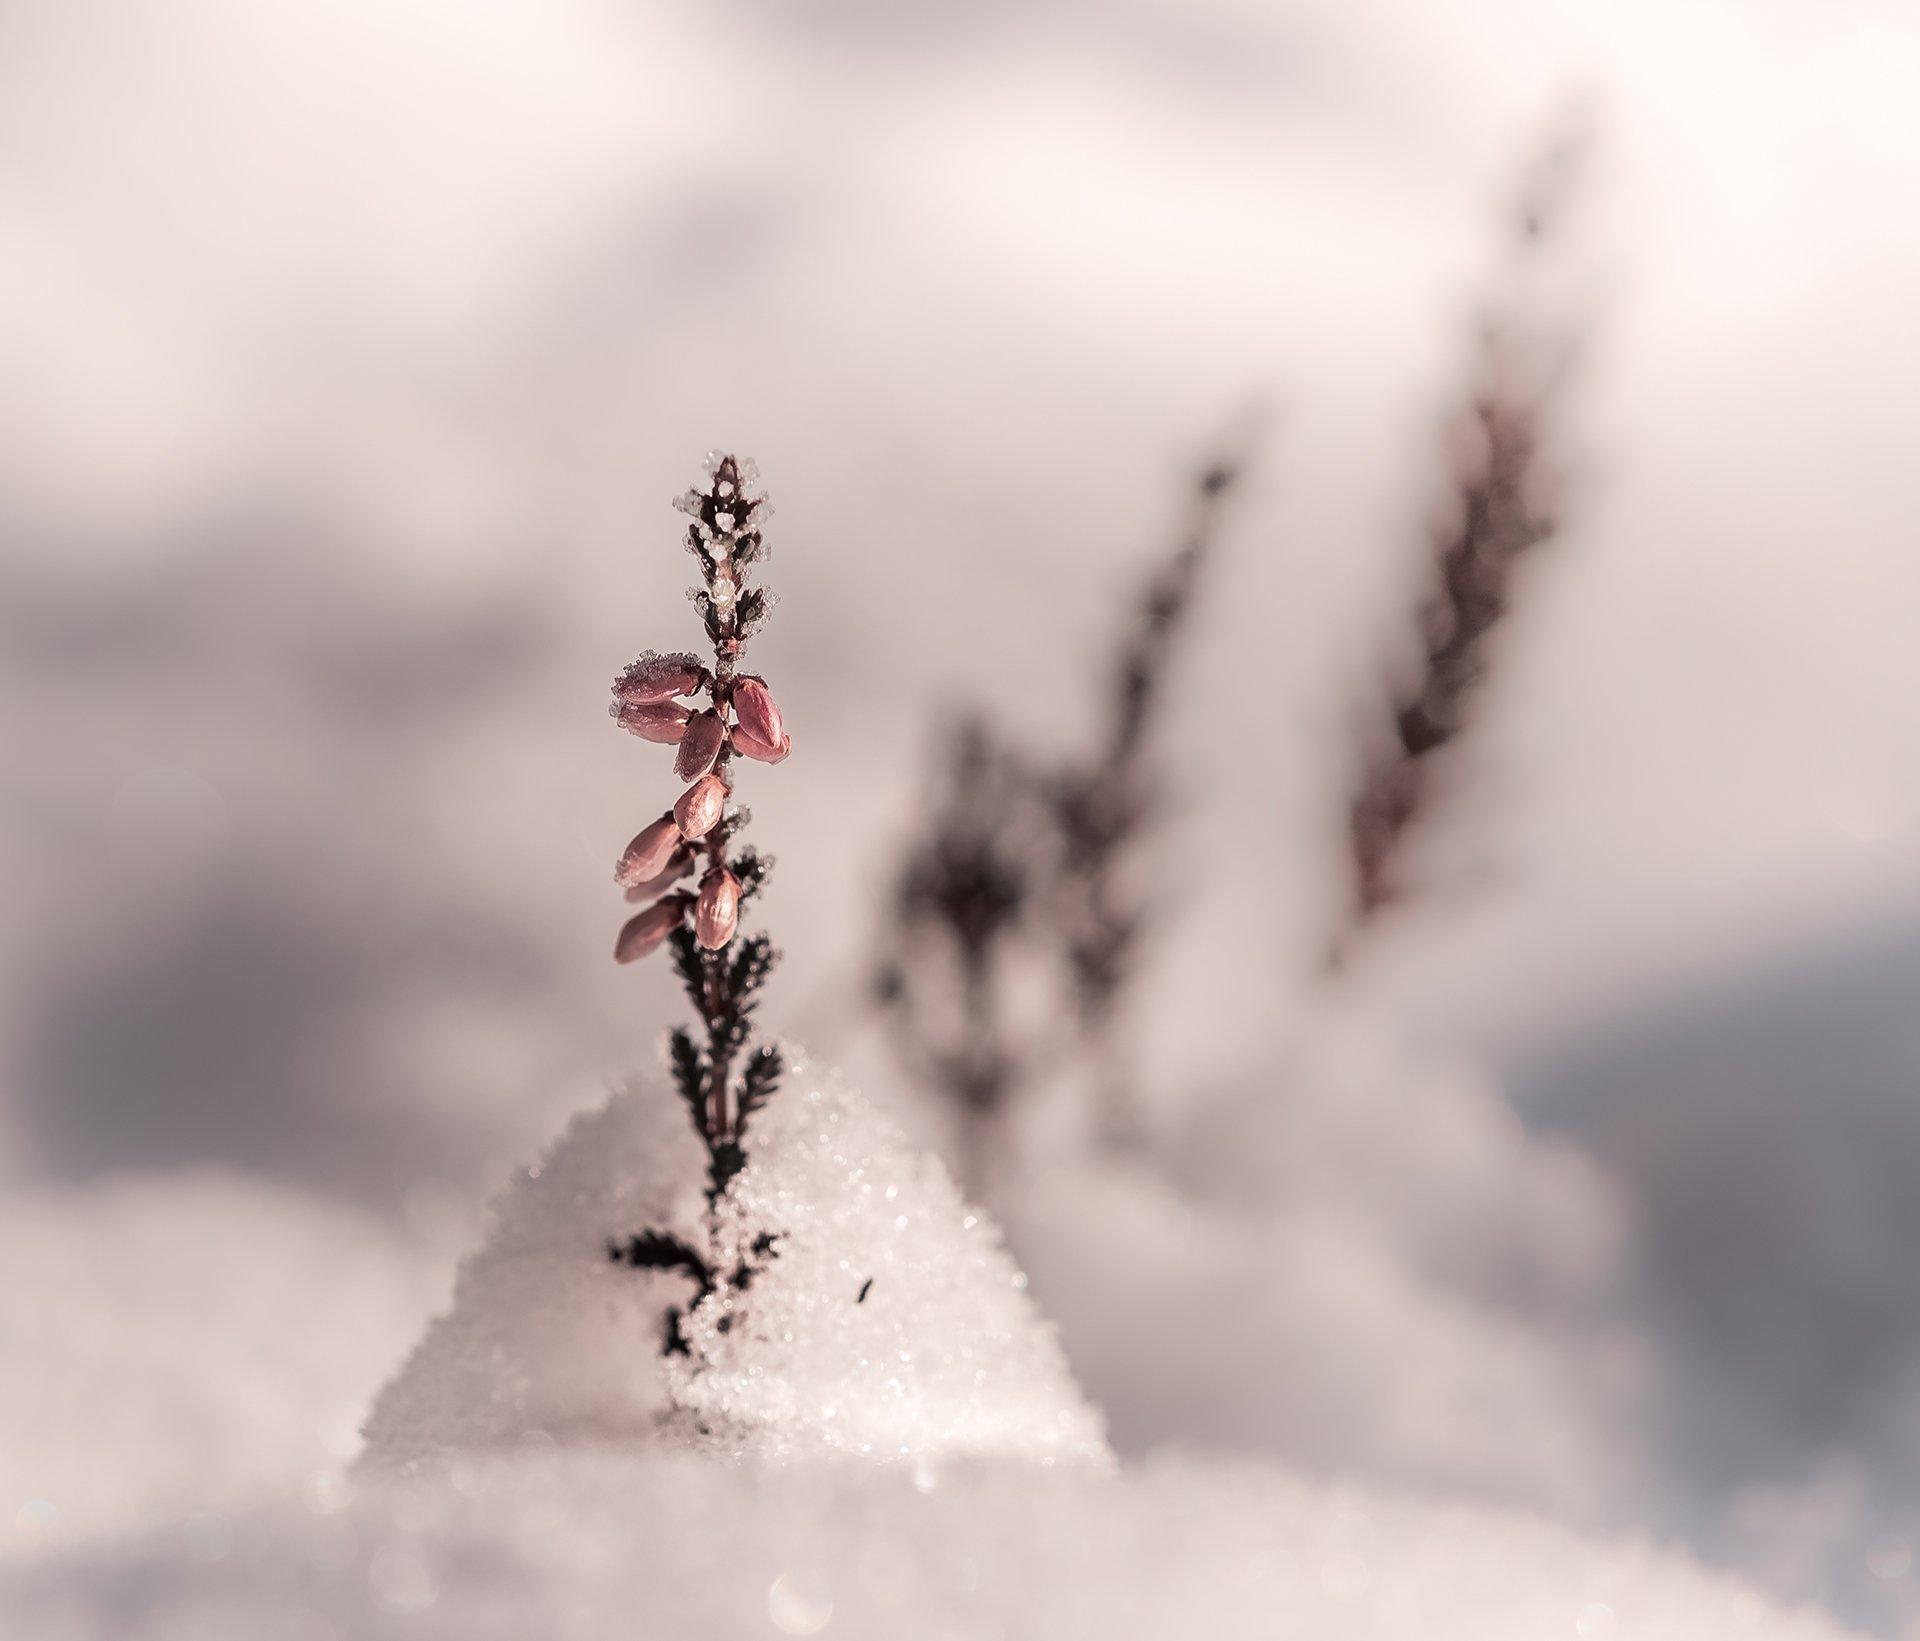 природа, макро, осень, снег, растения, цветы, эрика, Неля Рачкова